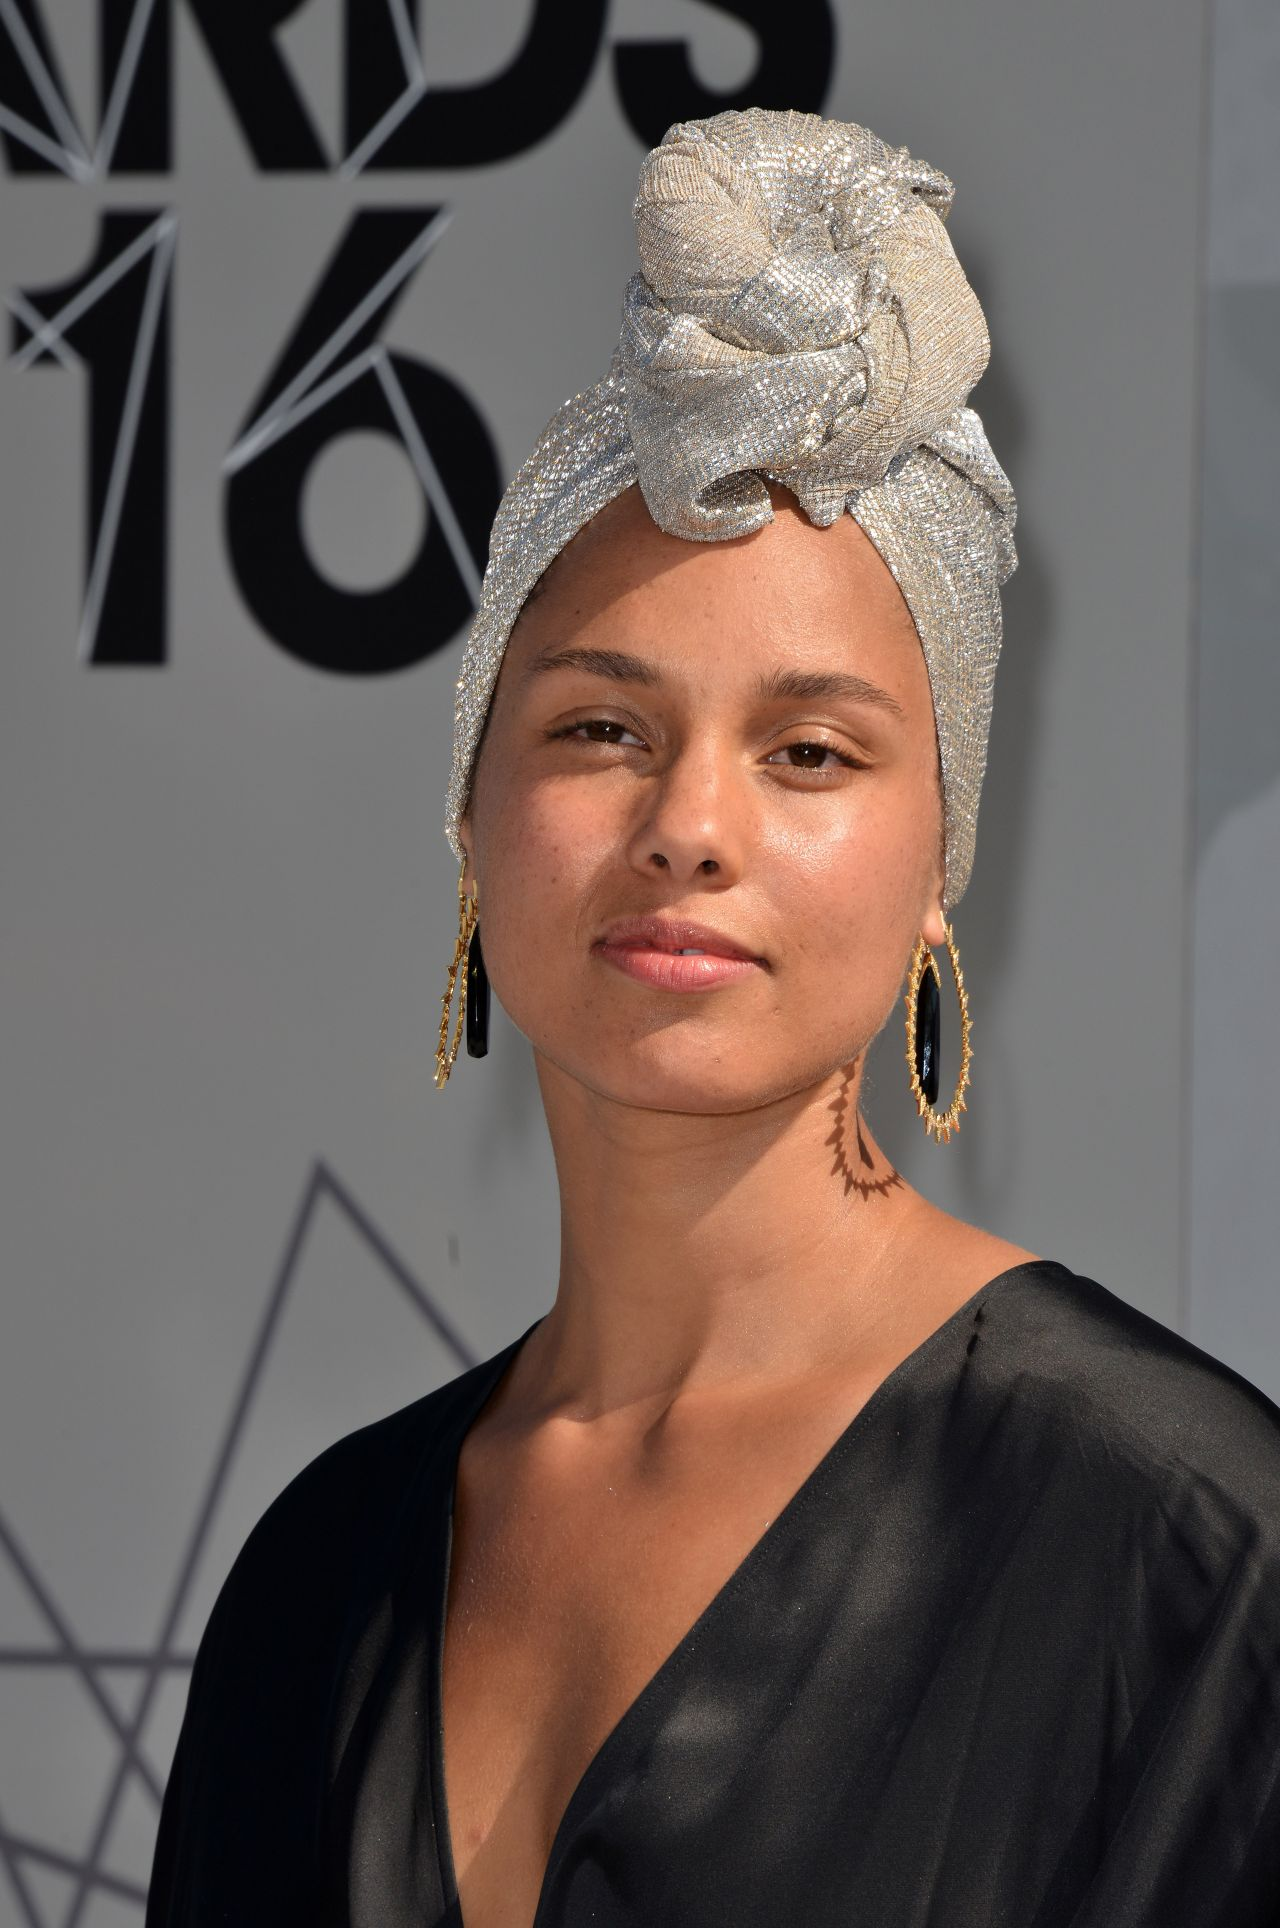 Wondrous Alicia Keys Latest Photos Celebmafia Hairstyles For Women Draintrainus